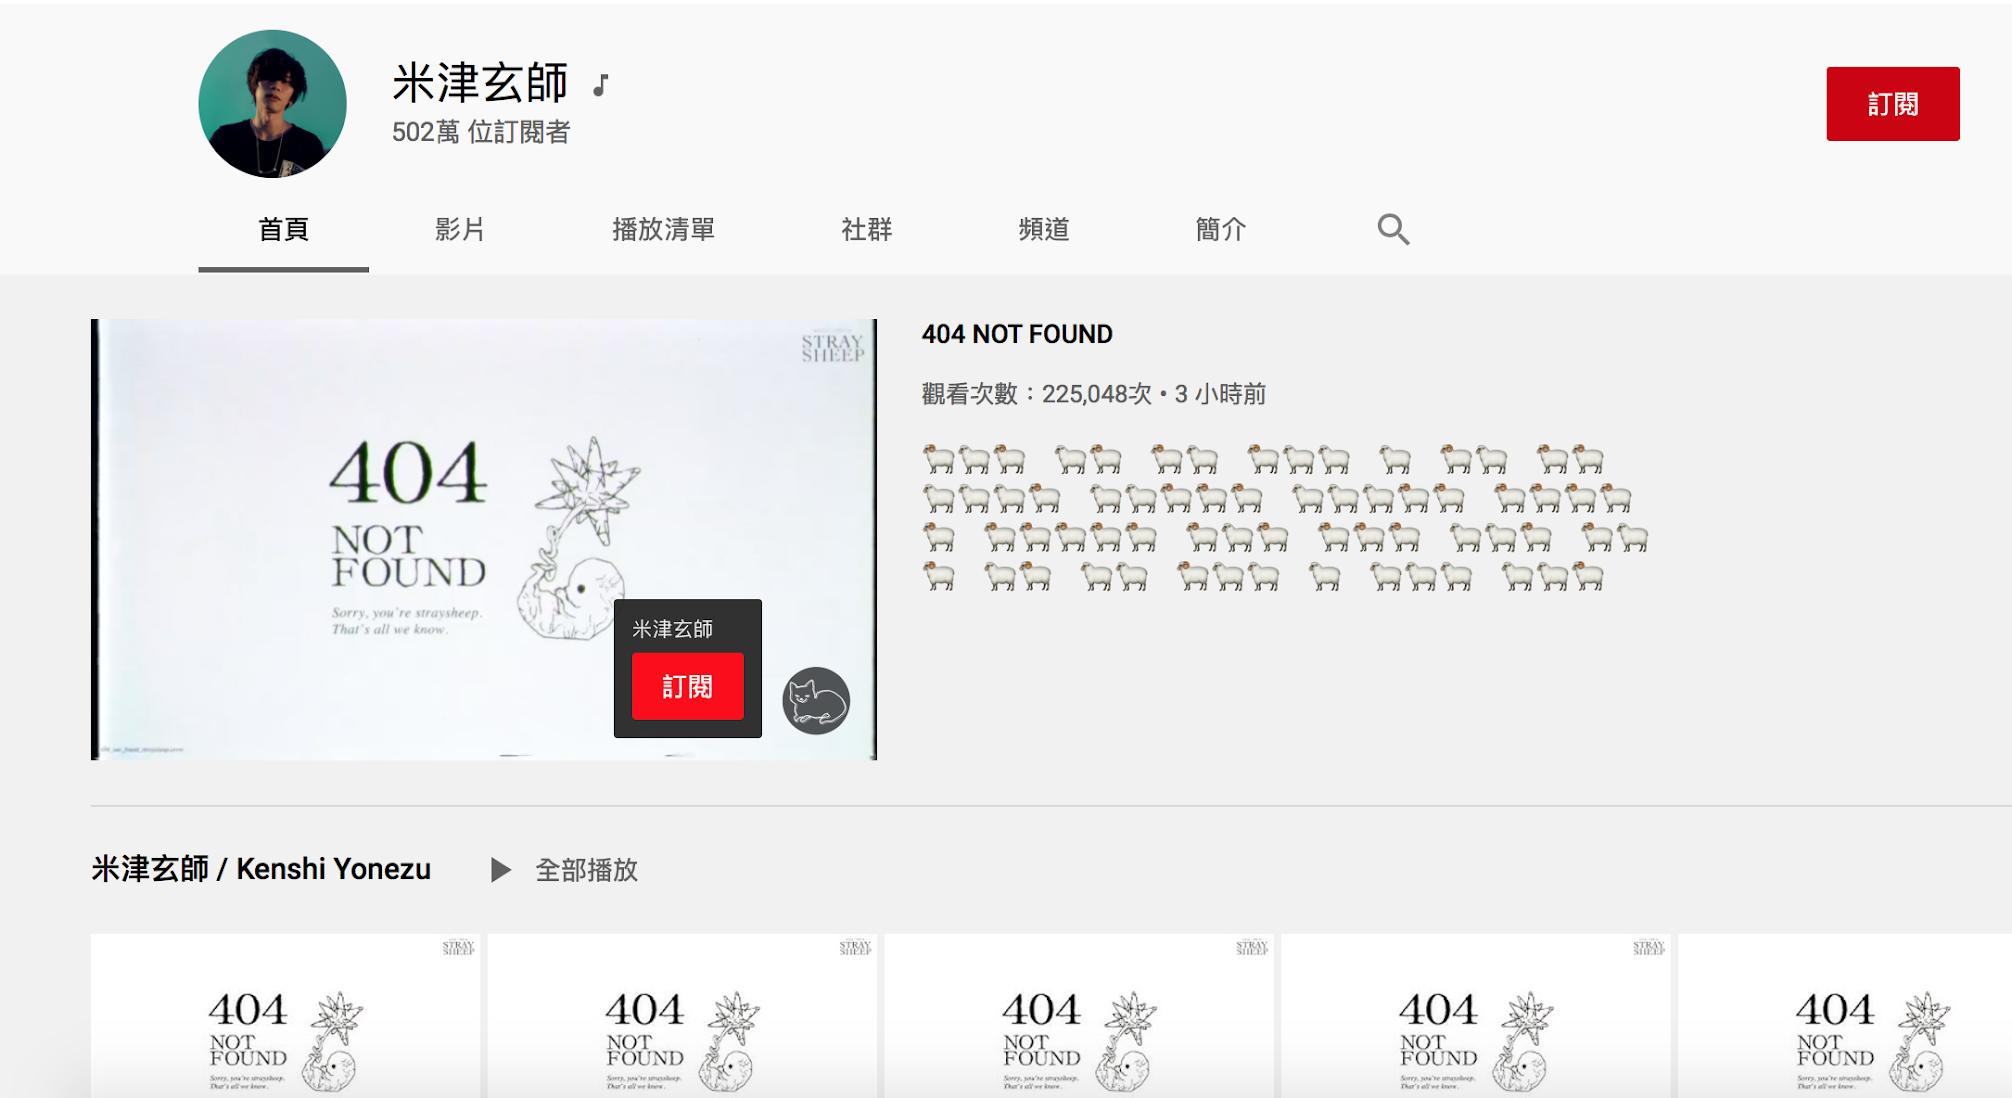 米津玄師 YouTube 全變成 404 NOT FOUND 發生什麼事?!